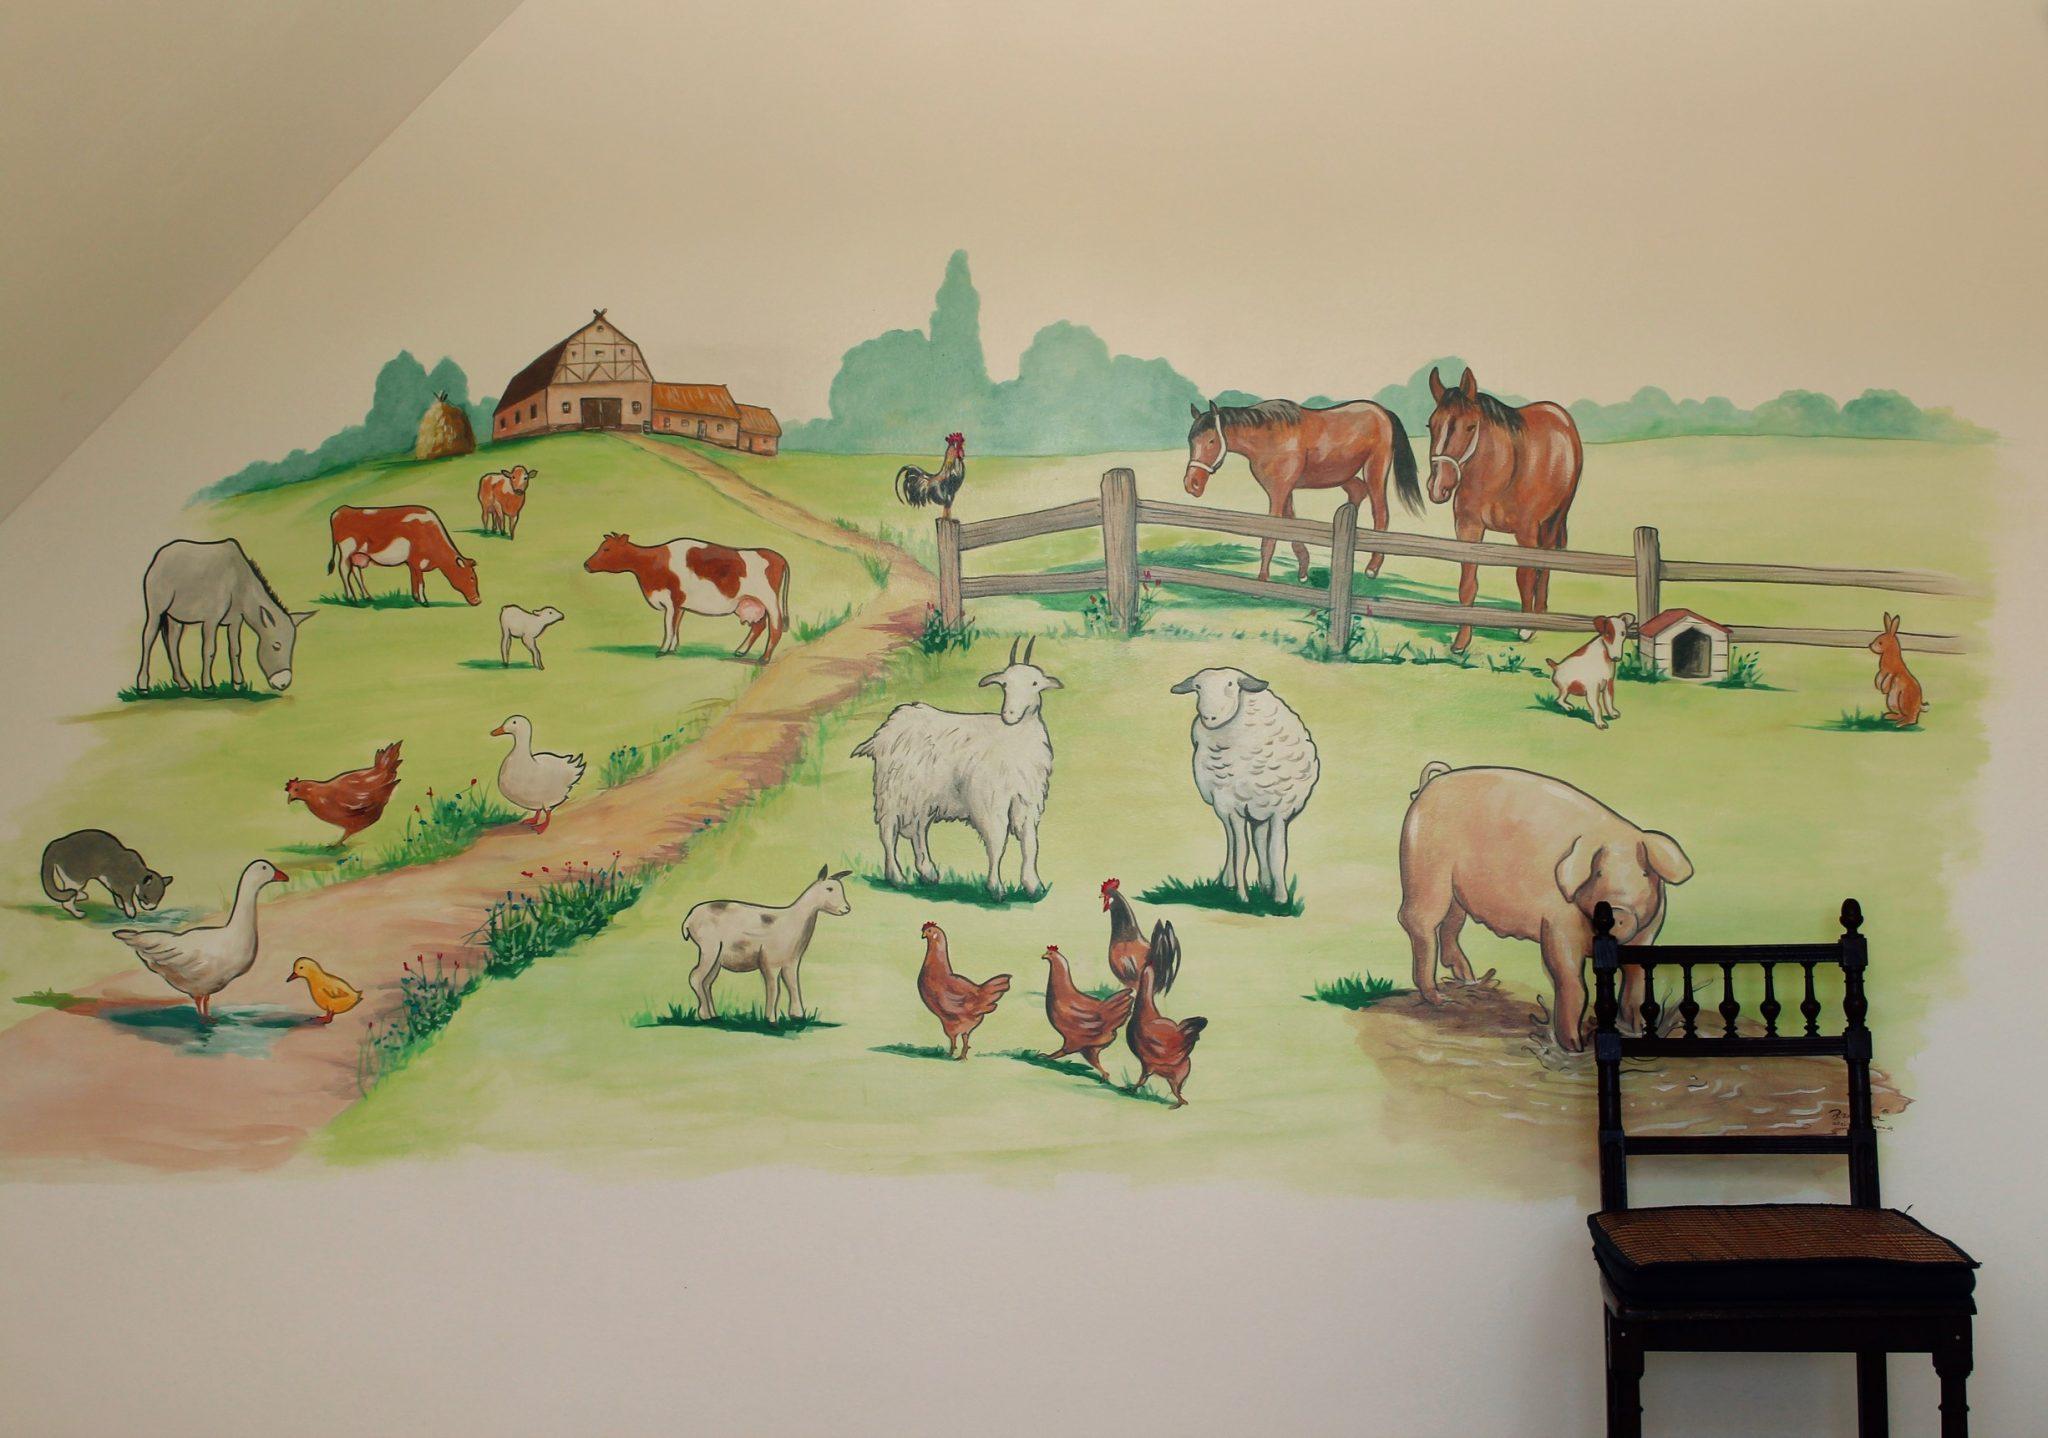 Kinderzimmer Bauernhof by Atelier-Witzmann